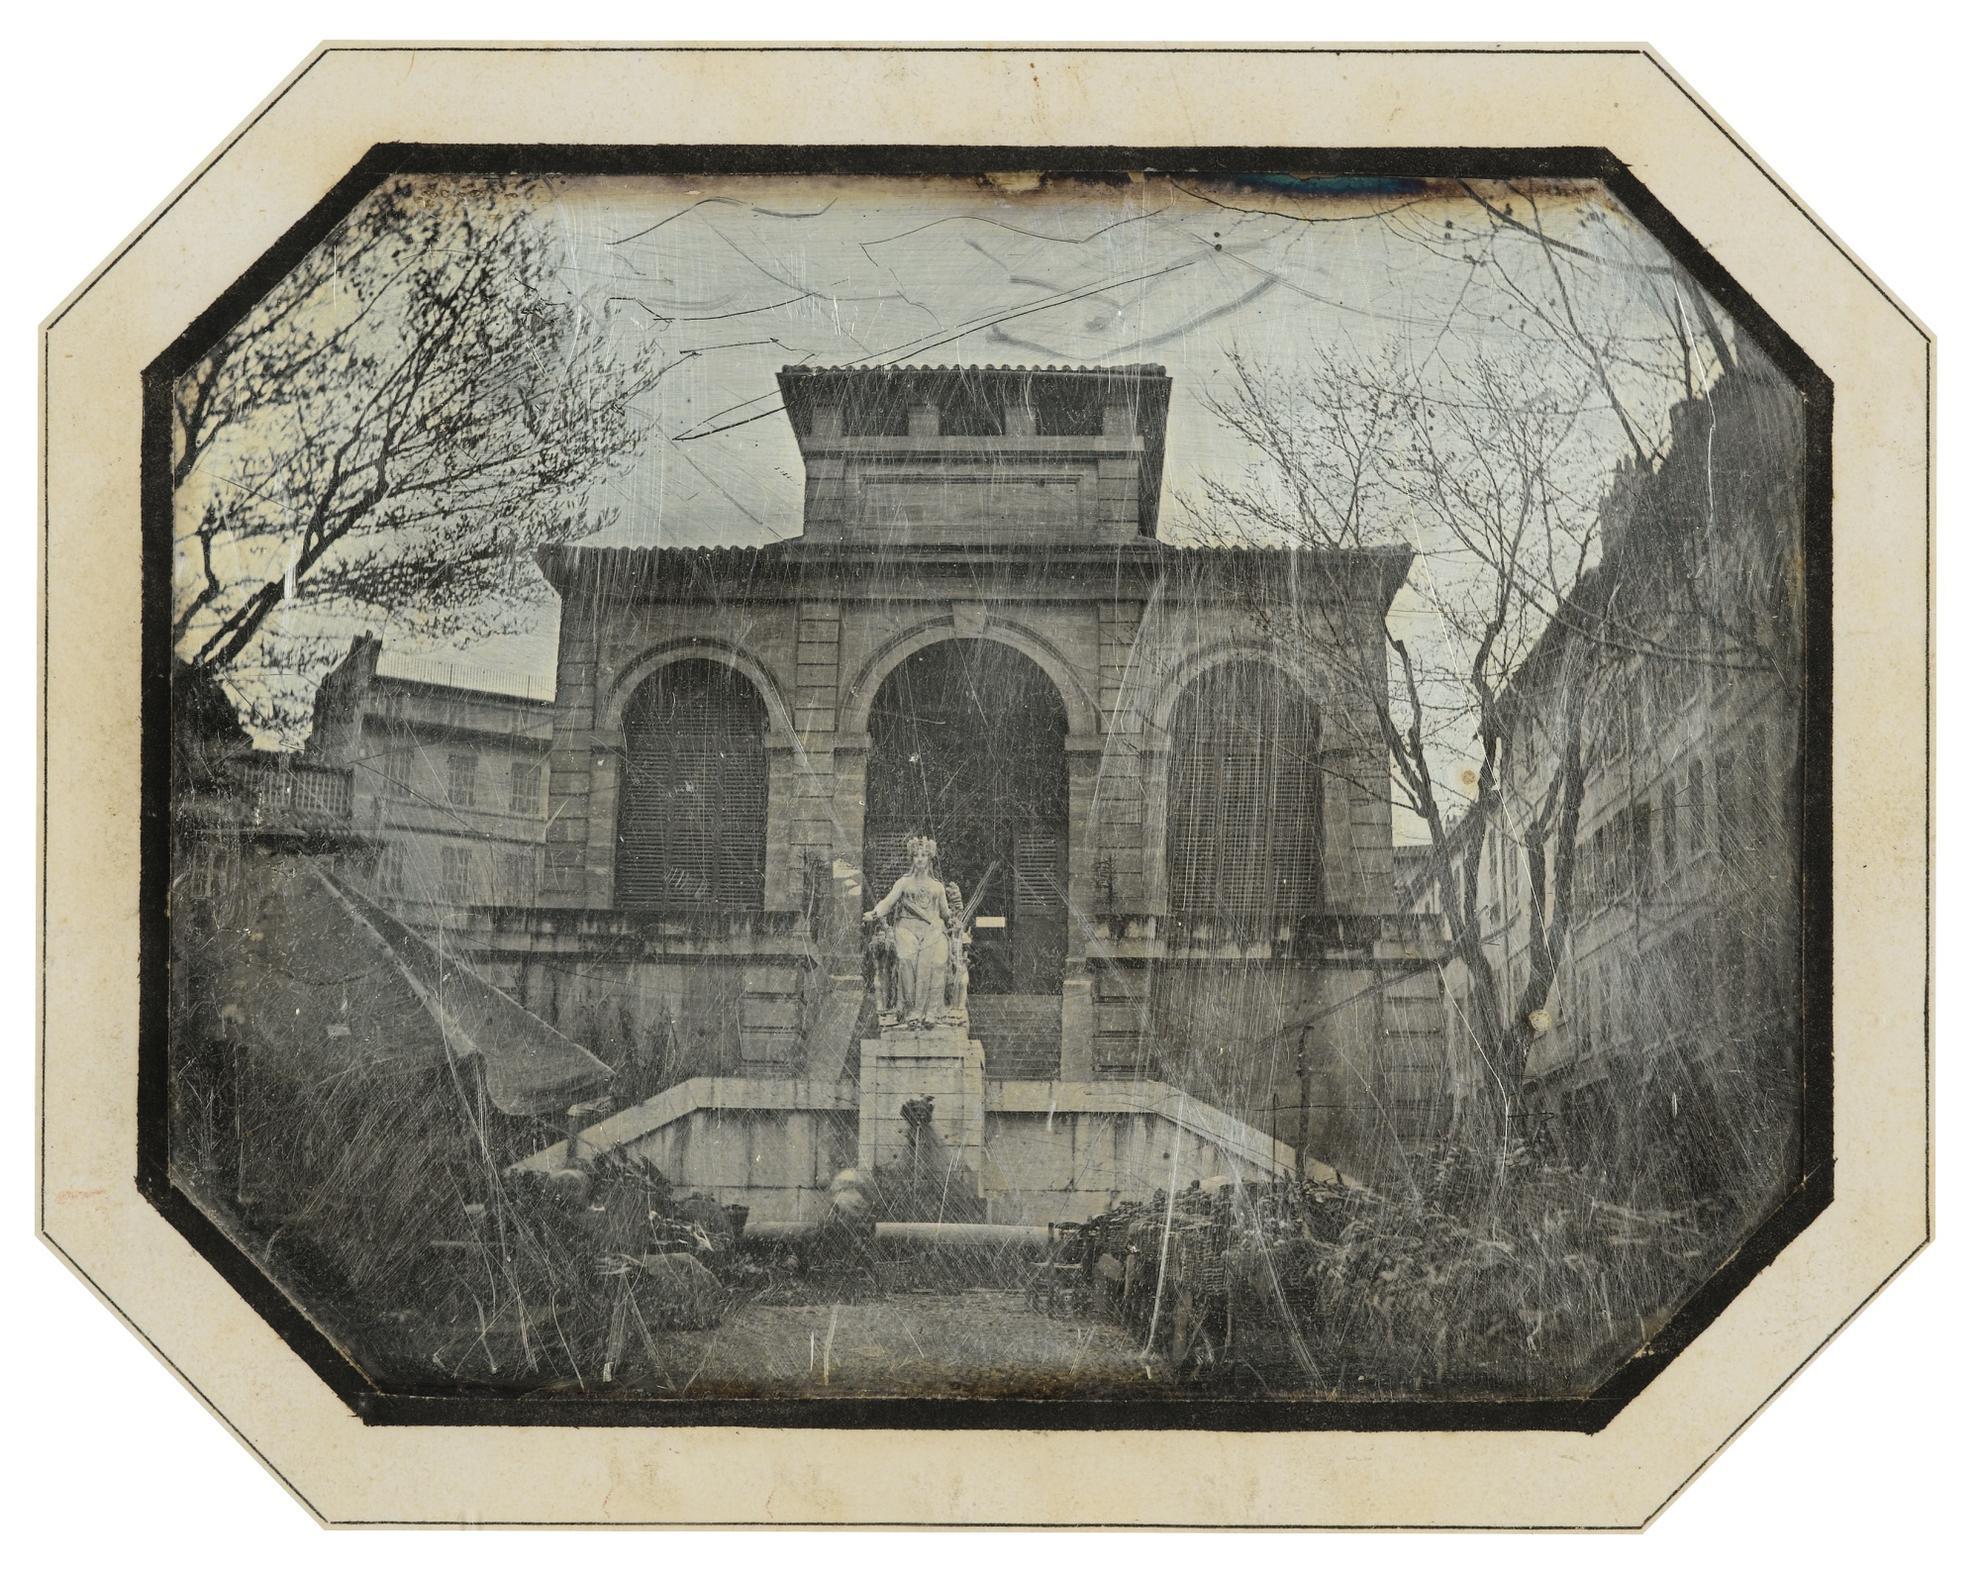 Anonyme - Halle Des Capucins, Marche Aux Fleurs, Marseille-1840